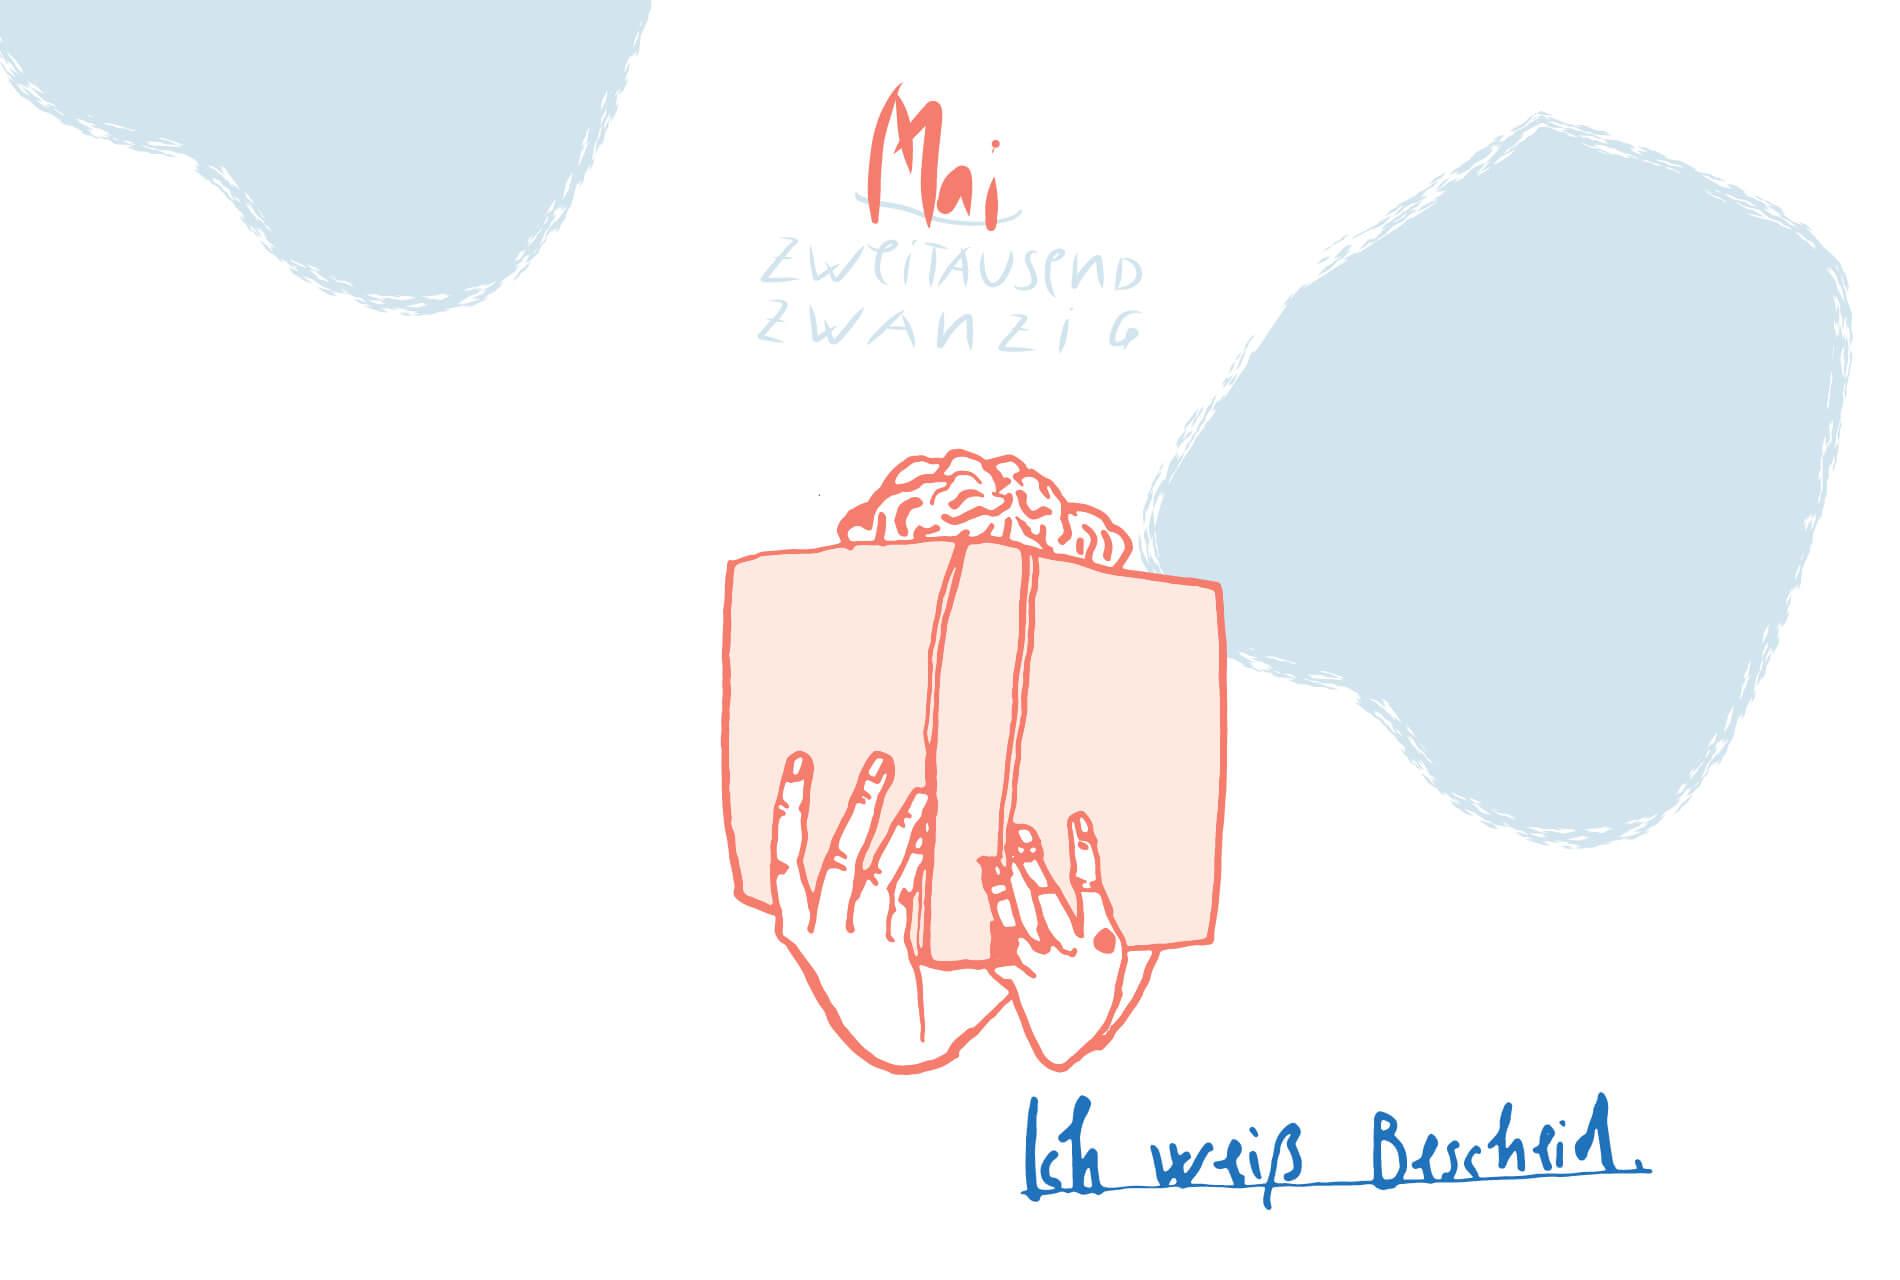 Matrosenhunde Illustration Zeichnung Illustratorin Text Prosa Monatskalender Mai, ich weiß bescheid